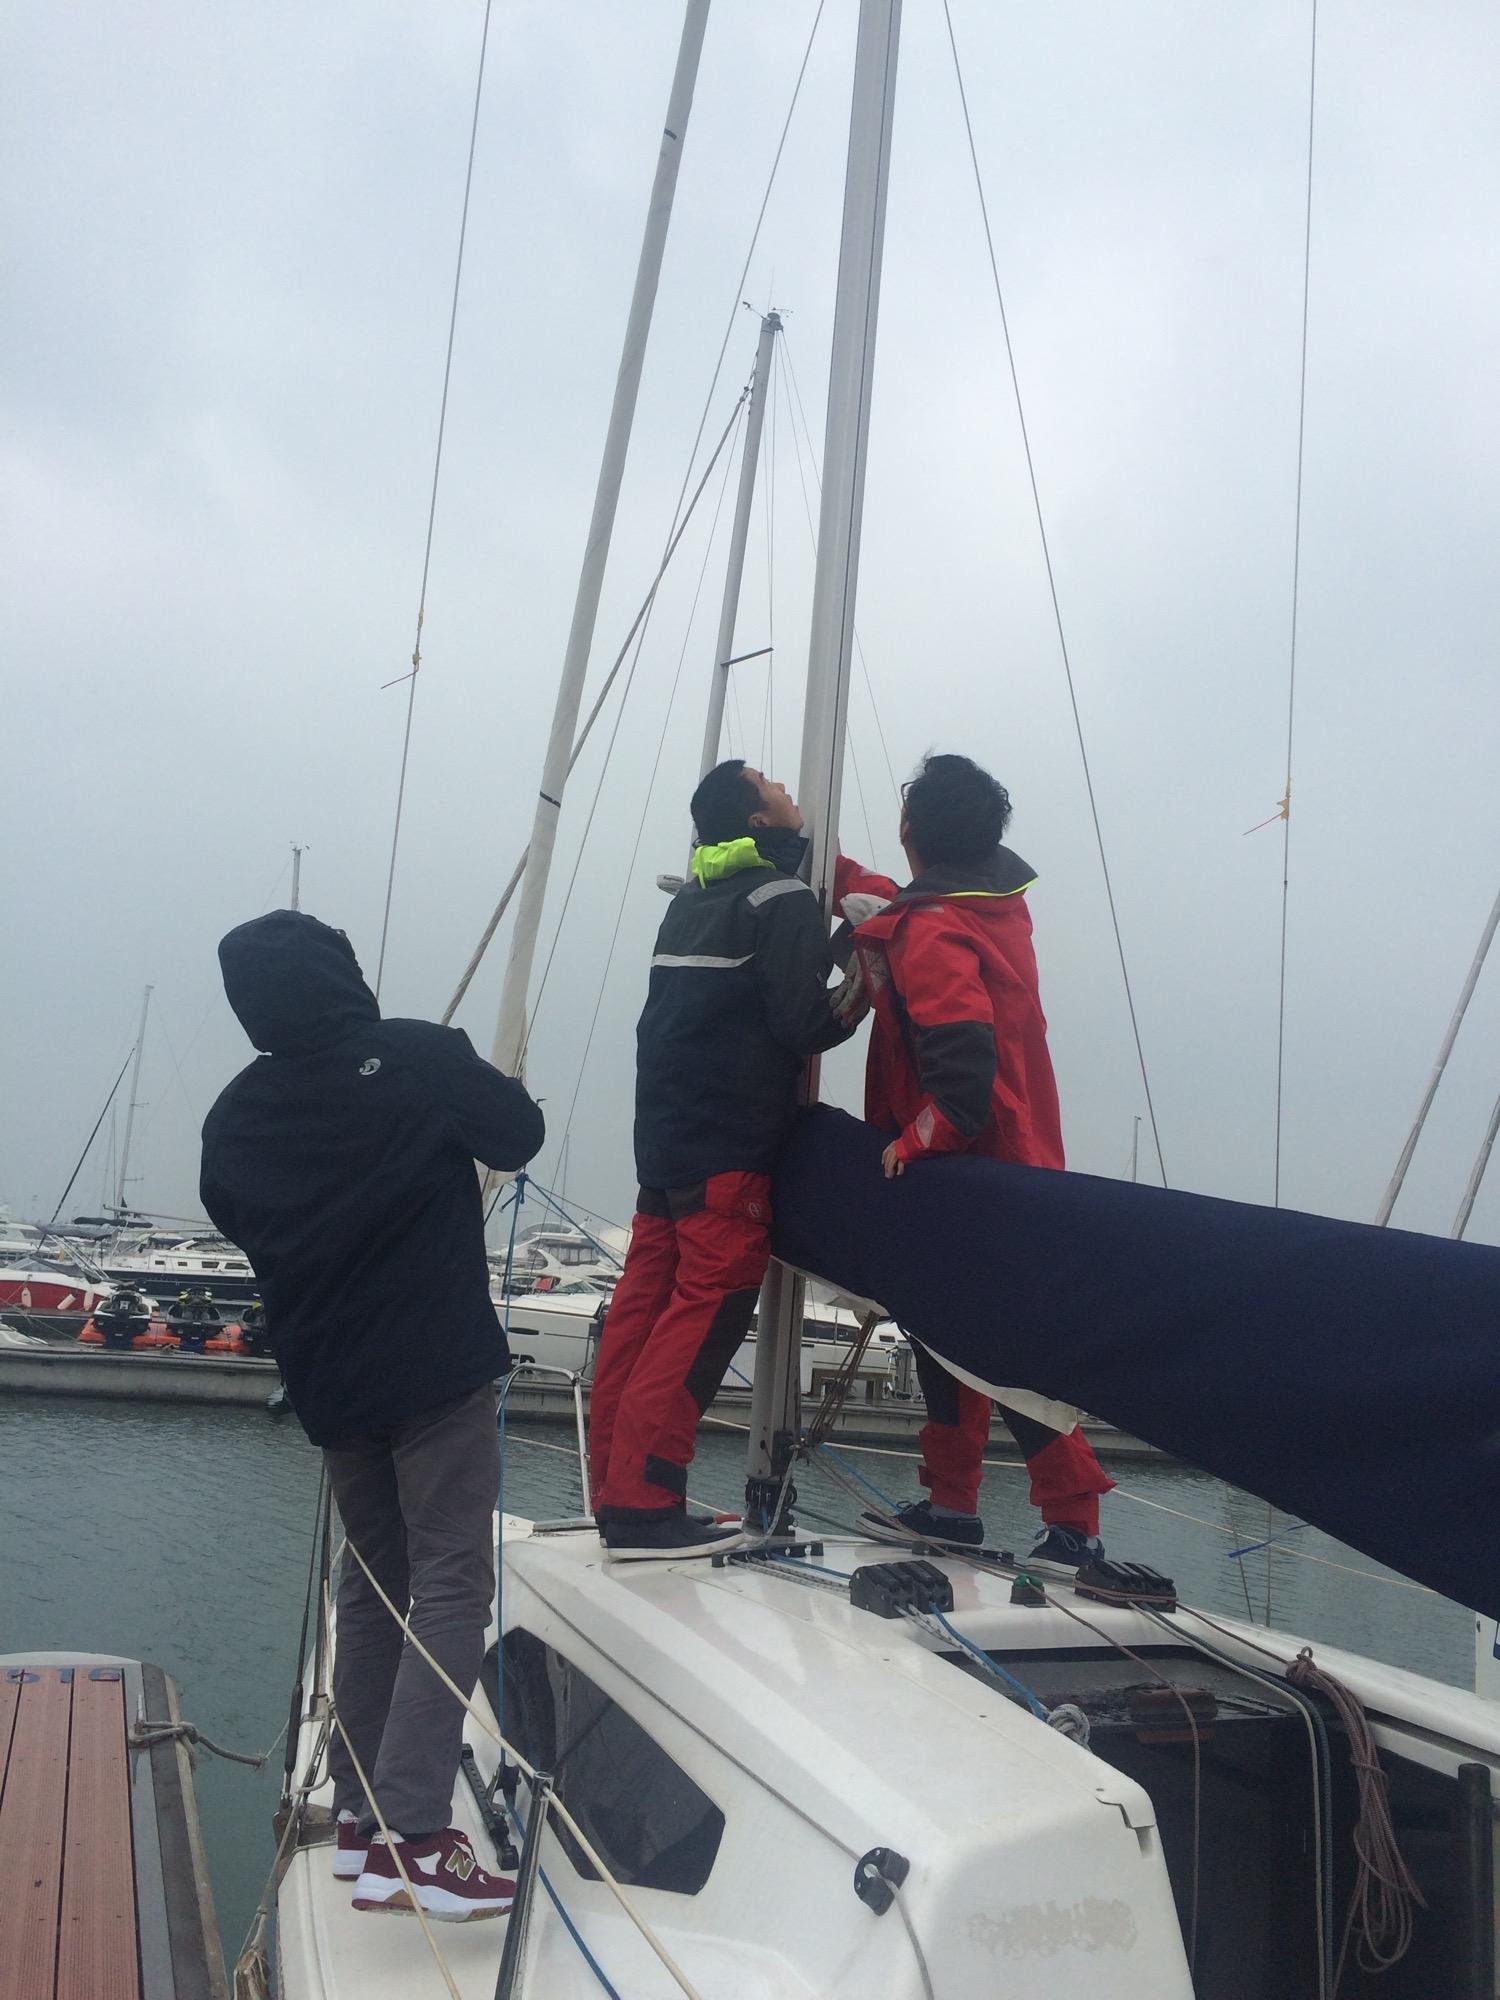 新西兰,北京,青岛,帆船,大海 一个帆船航海老菜鸟深秋细雨中的帆船赛 IMG_9006.jpg